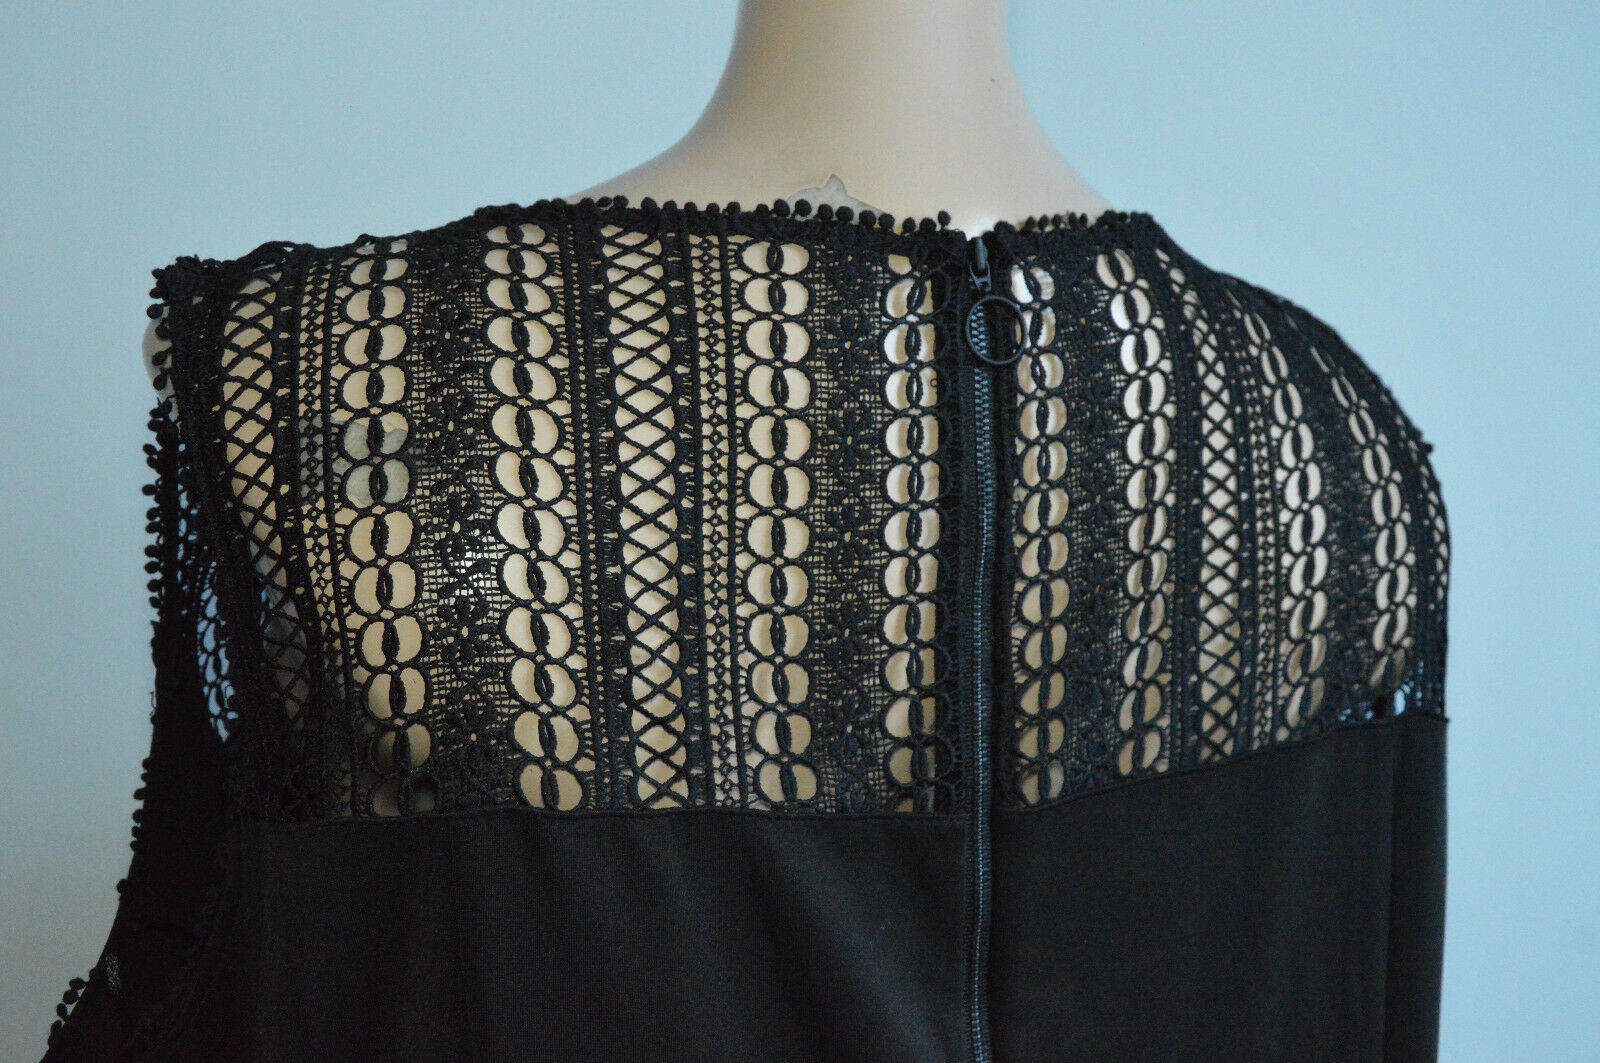 Taylor zauberhaftes zauberhaftes zauberhaftes Kleid 3XL 50 52 NEU | Sale Düsseldorf  | Zu einem niedrigeren Preis  | Helle Farben  1421cb